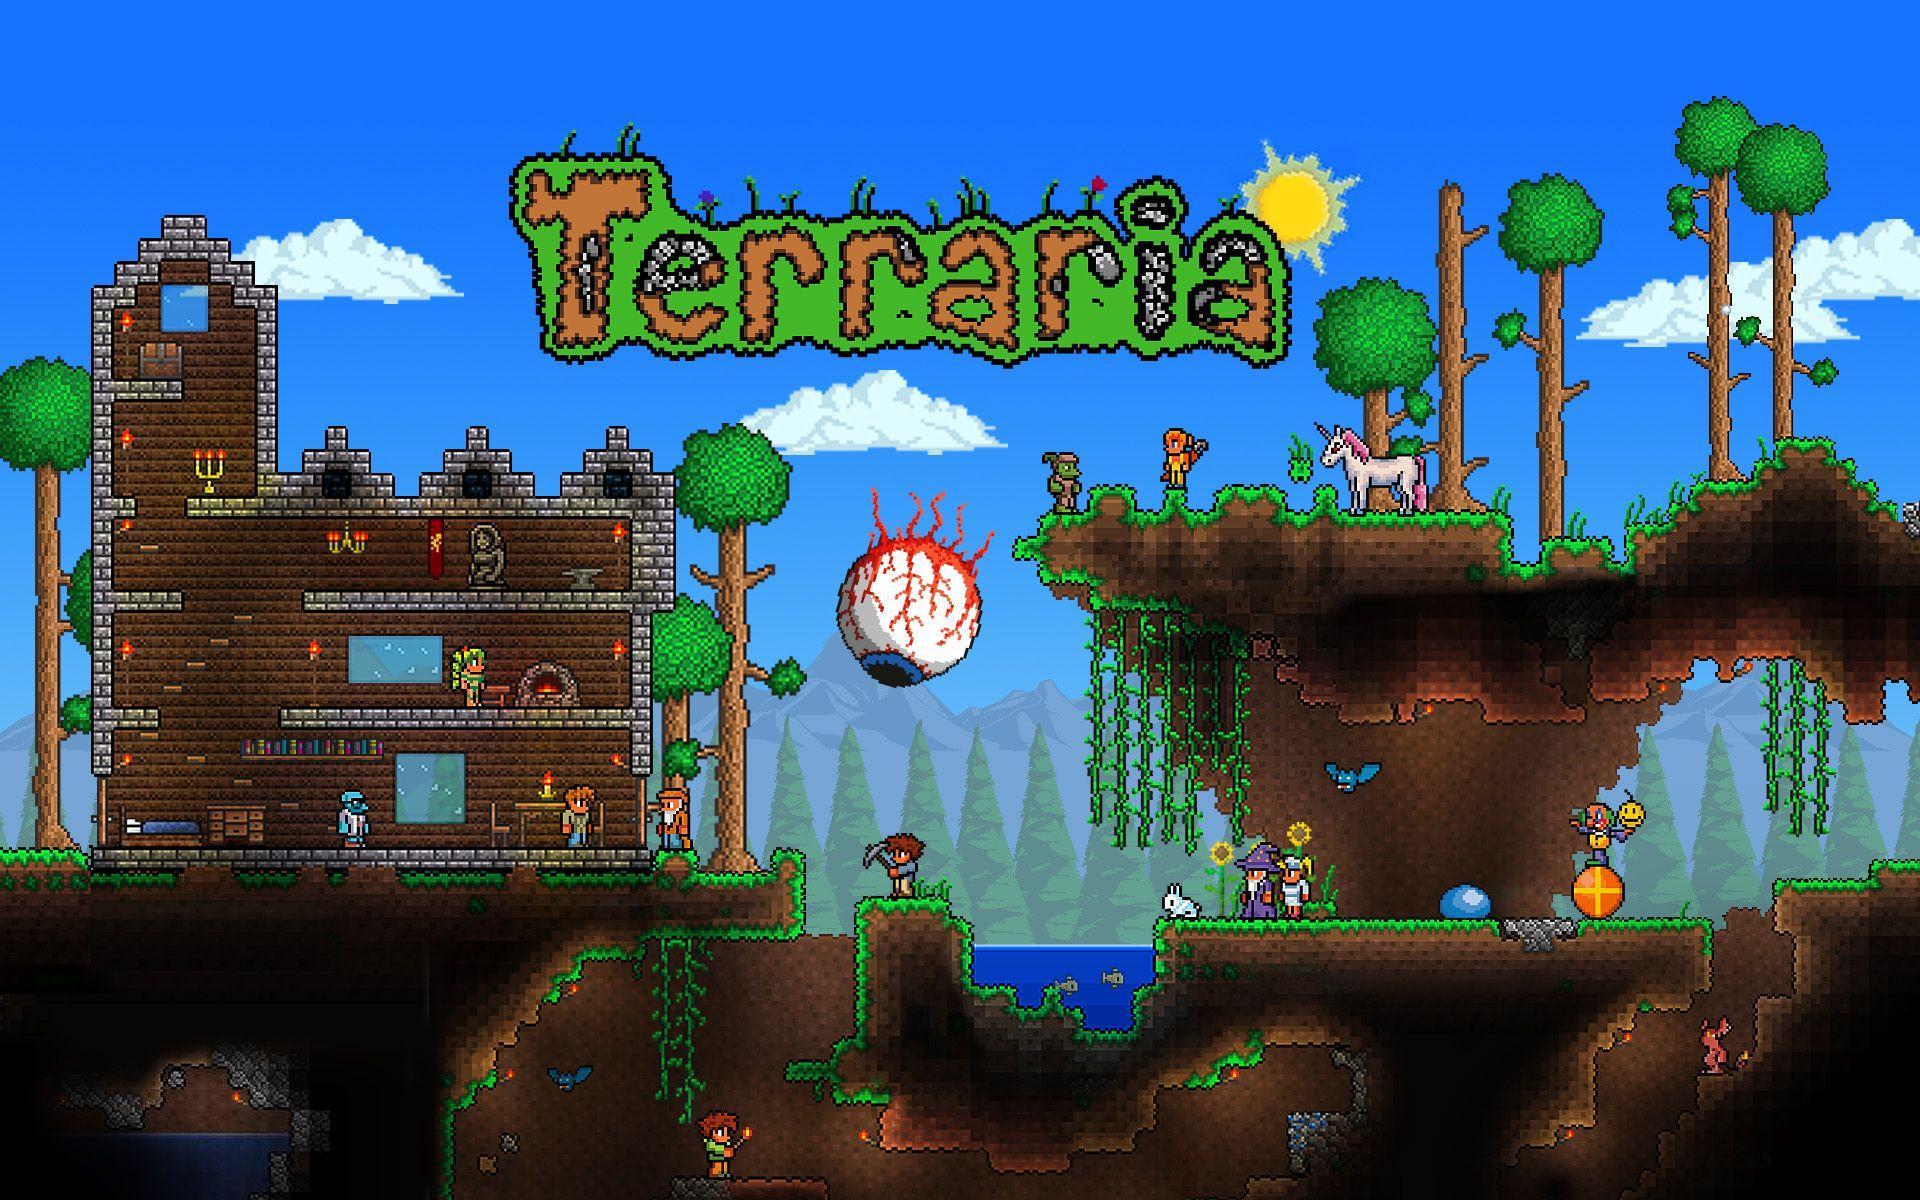 Terraria Wallpaper Hd